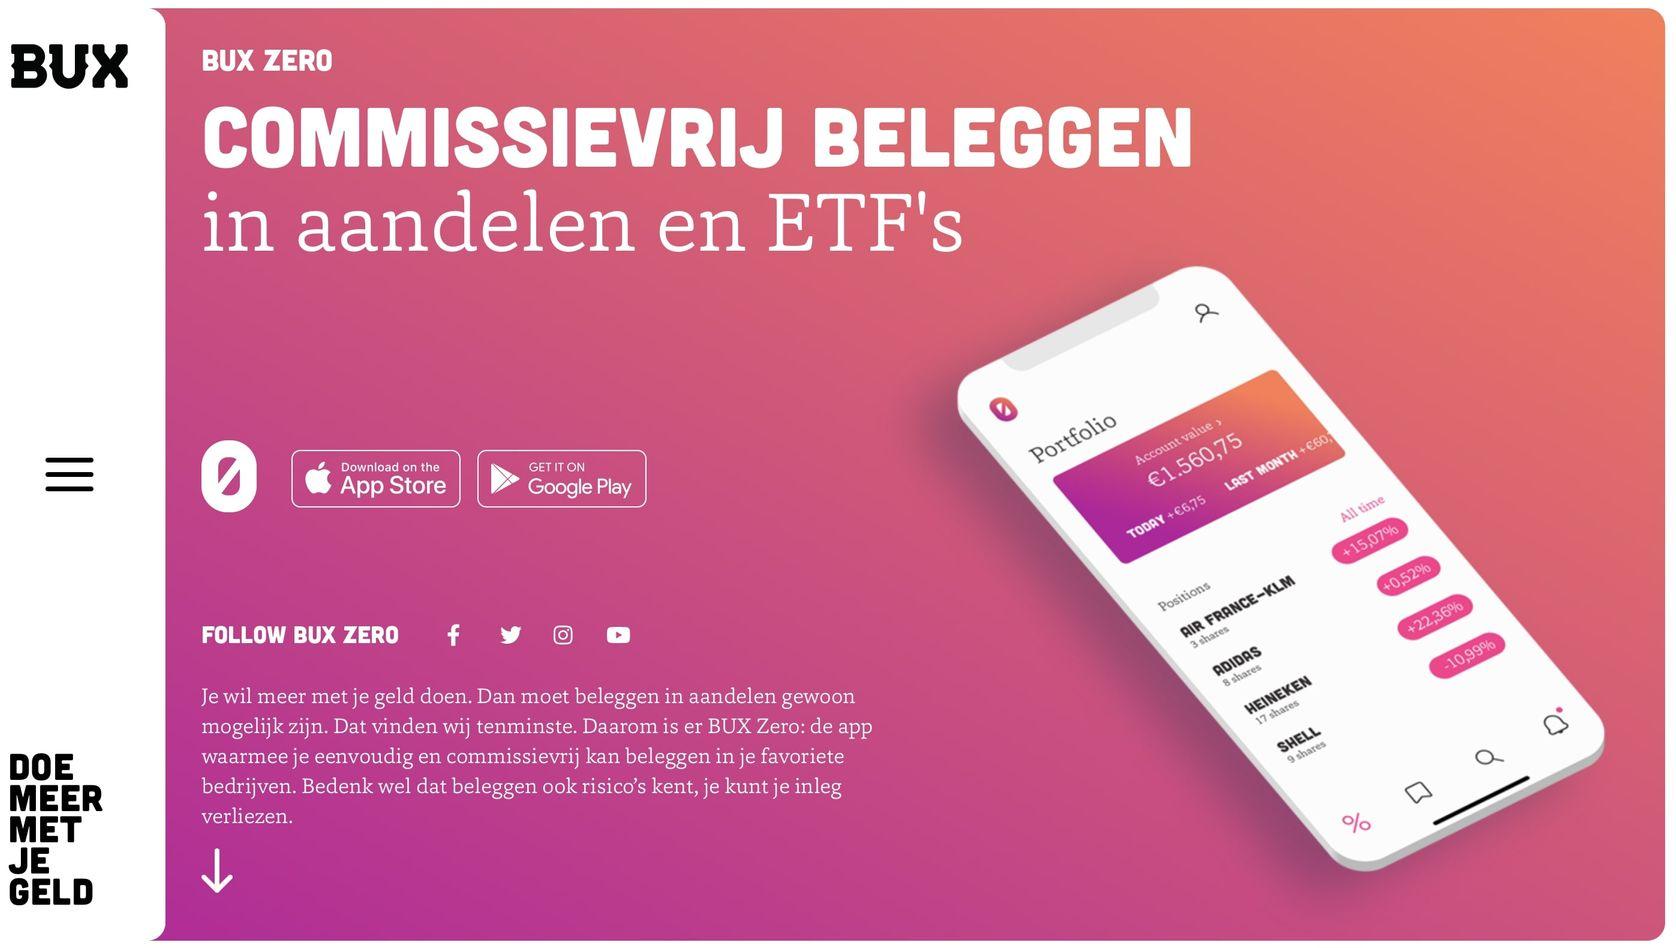 BUX Beleggen, BUX Zero Beleggingsrekening openen